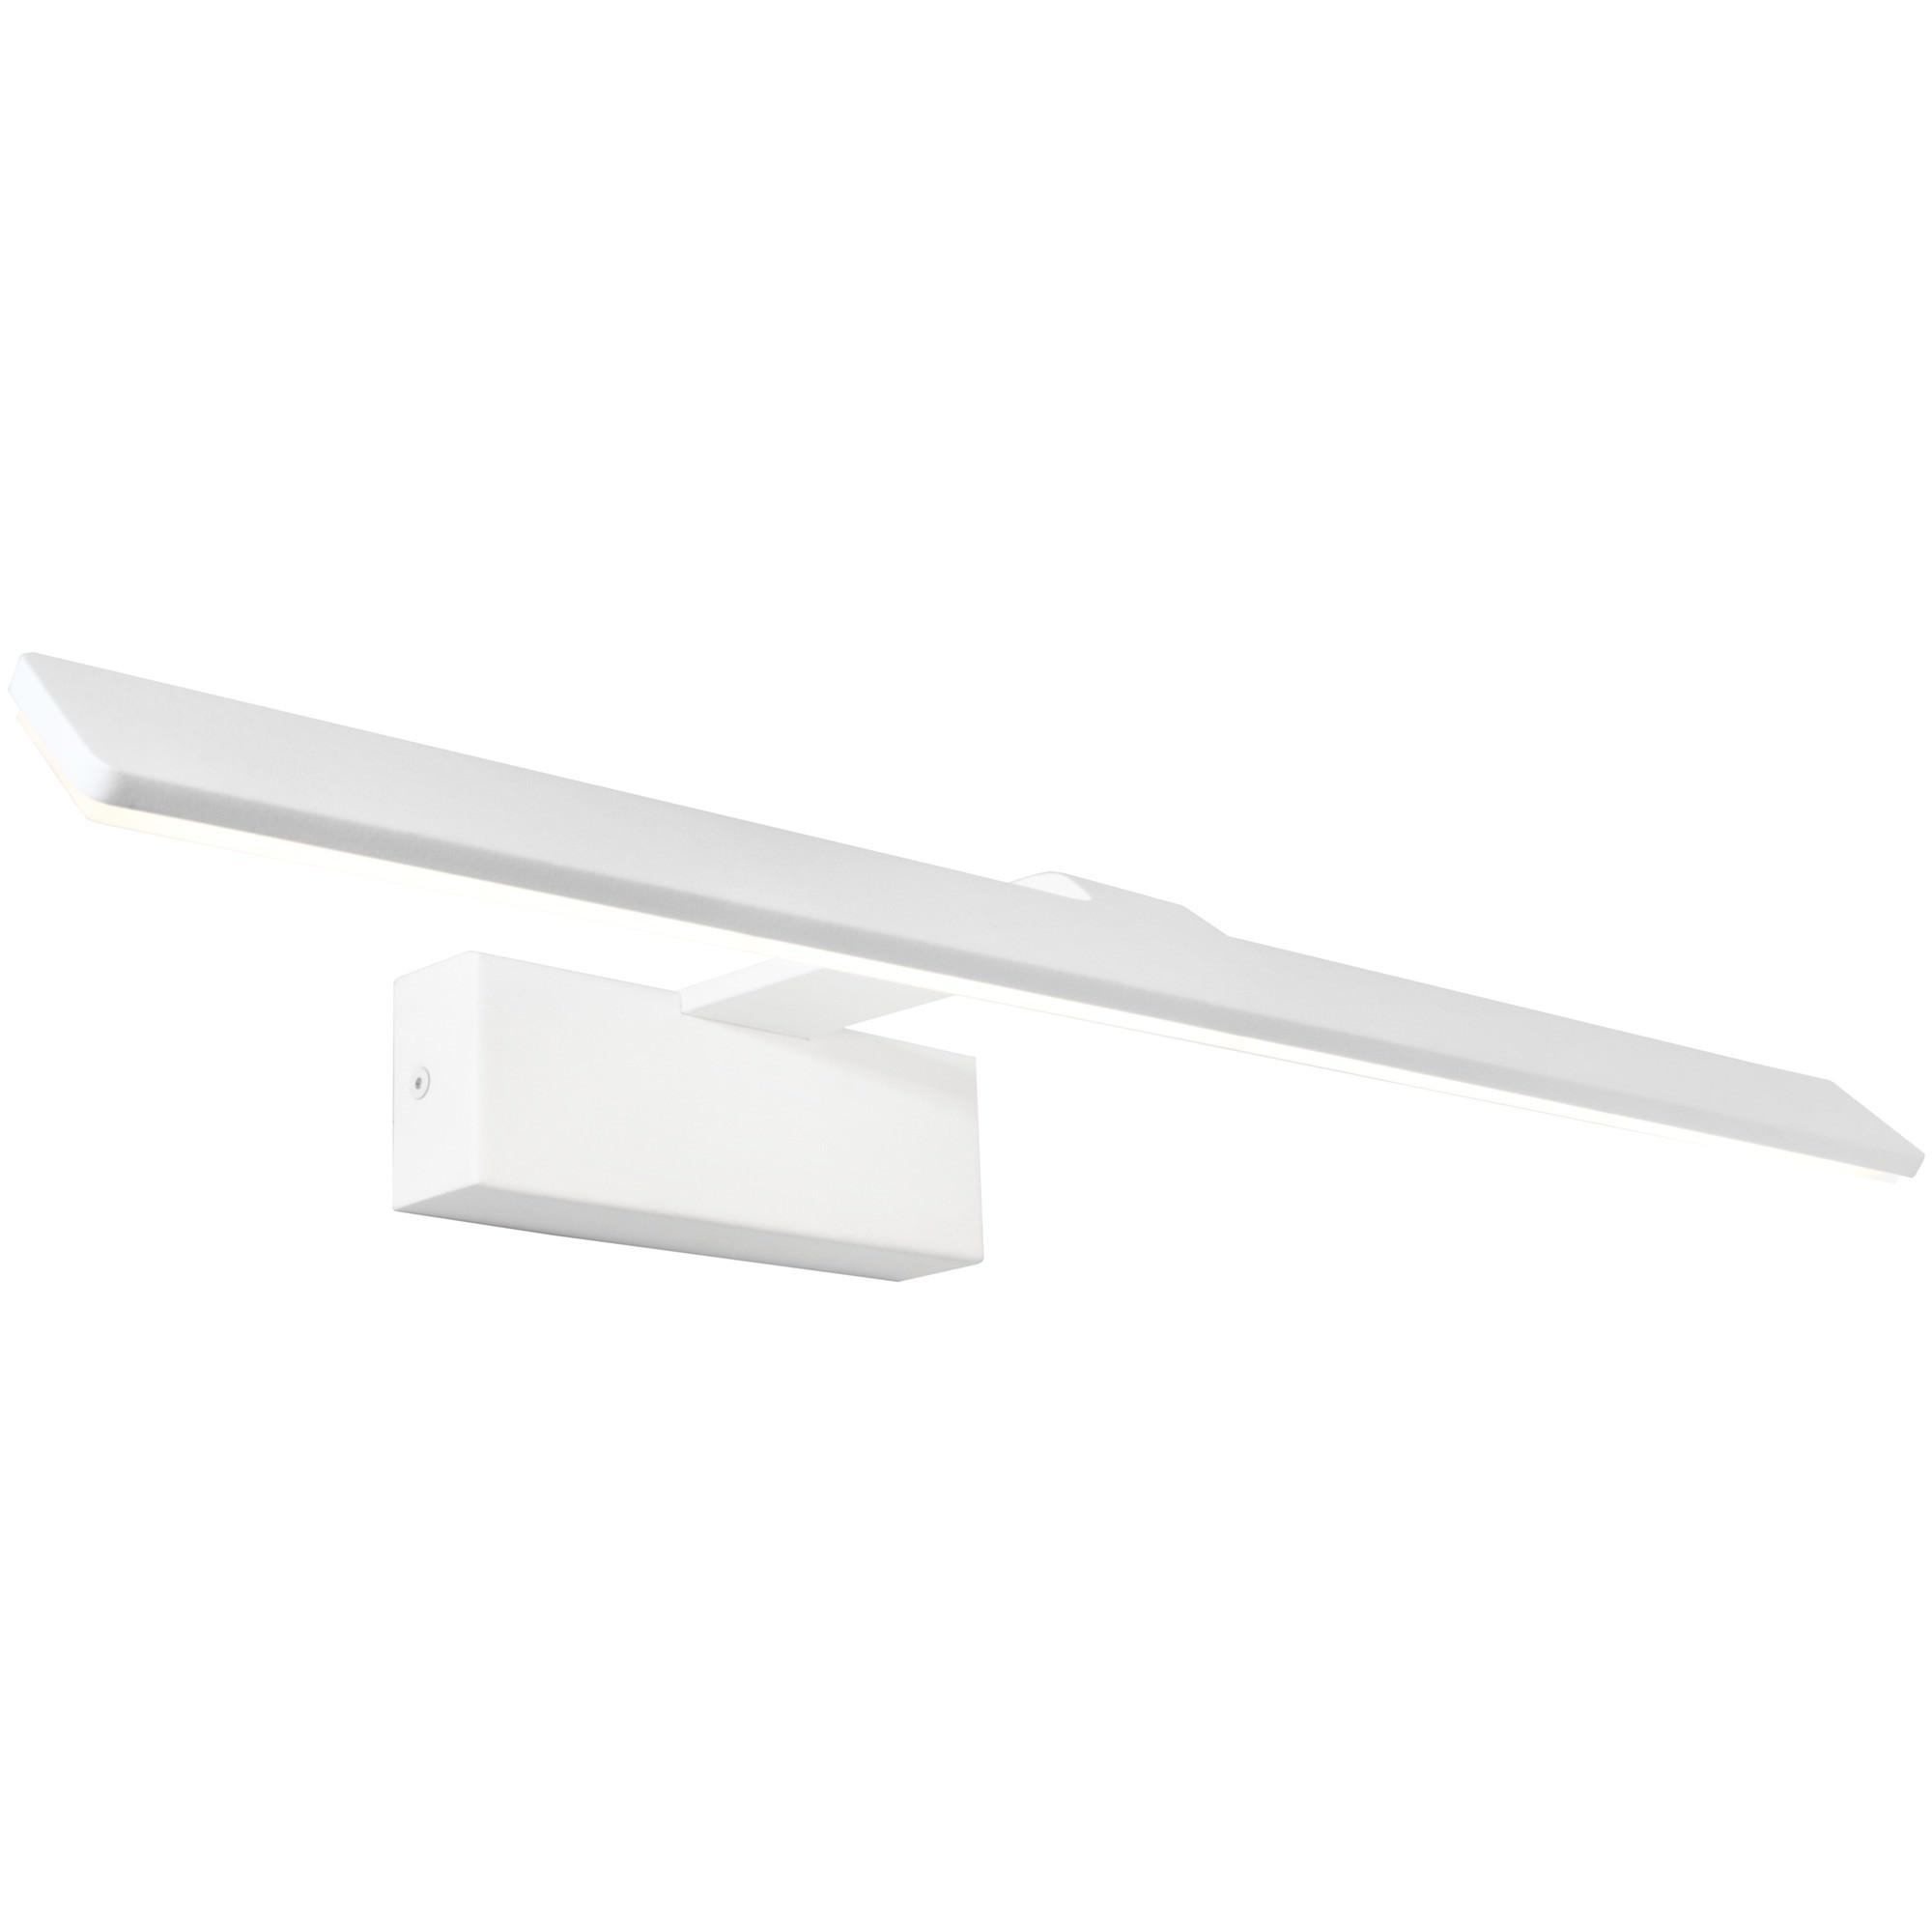 Dex LED Vanity Light, 18W, White